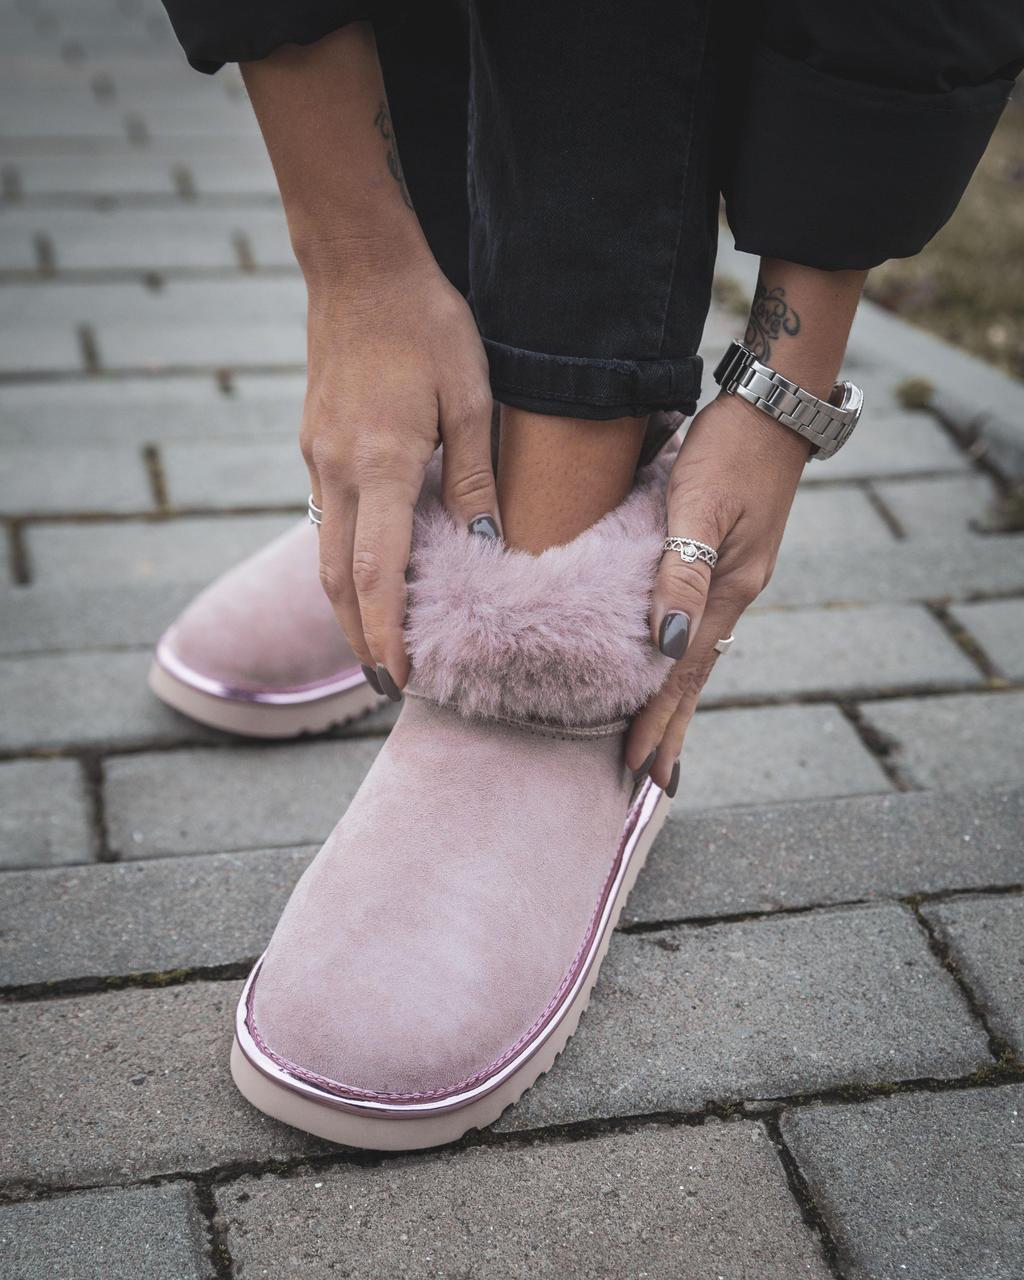 Женские Угги Ugg Mini РОЗОВЫЕ Натуральная Кожа / Овчина Водоотталкивающая пропитка, женская зимняя обувь